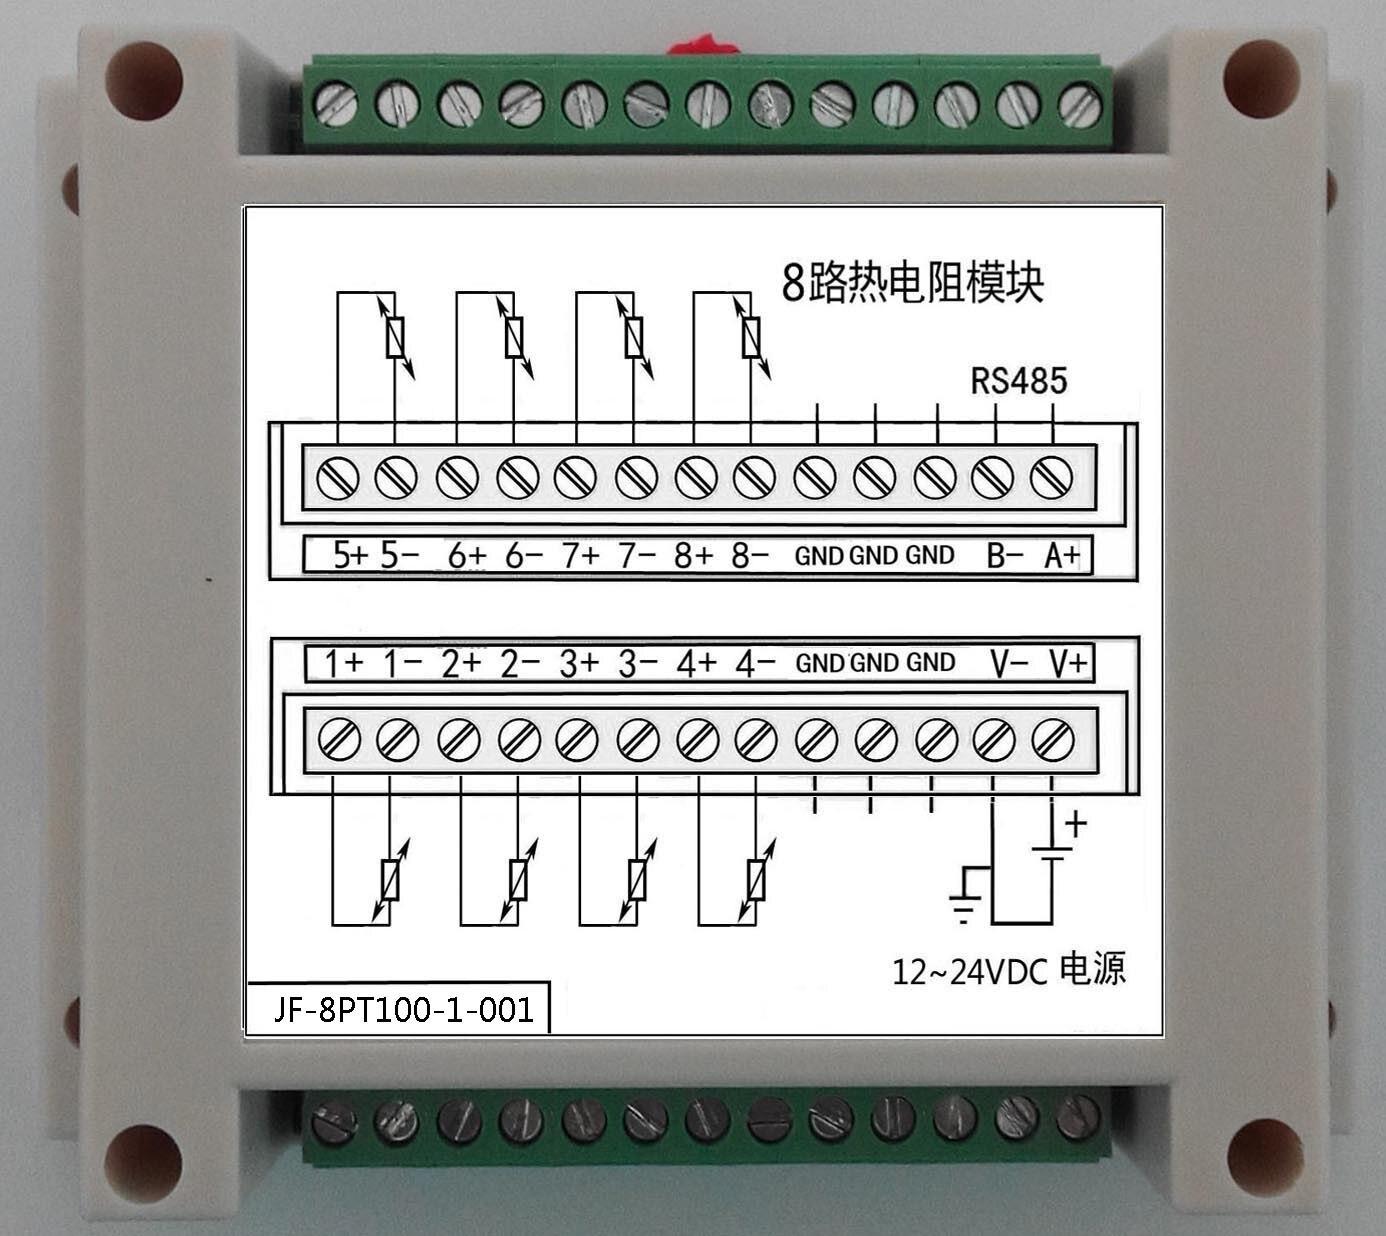 8 acquisizione della temperatura, modulo Pt100, supporto Modbus-RTU Re Vista8 acquisizione della temperatura, modulo Pt100, supporto Modbus-RTU Re Vista